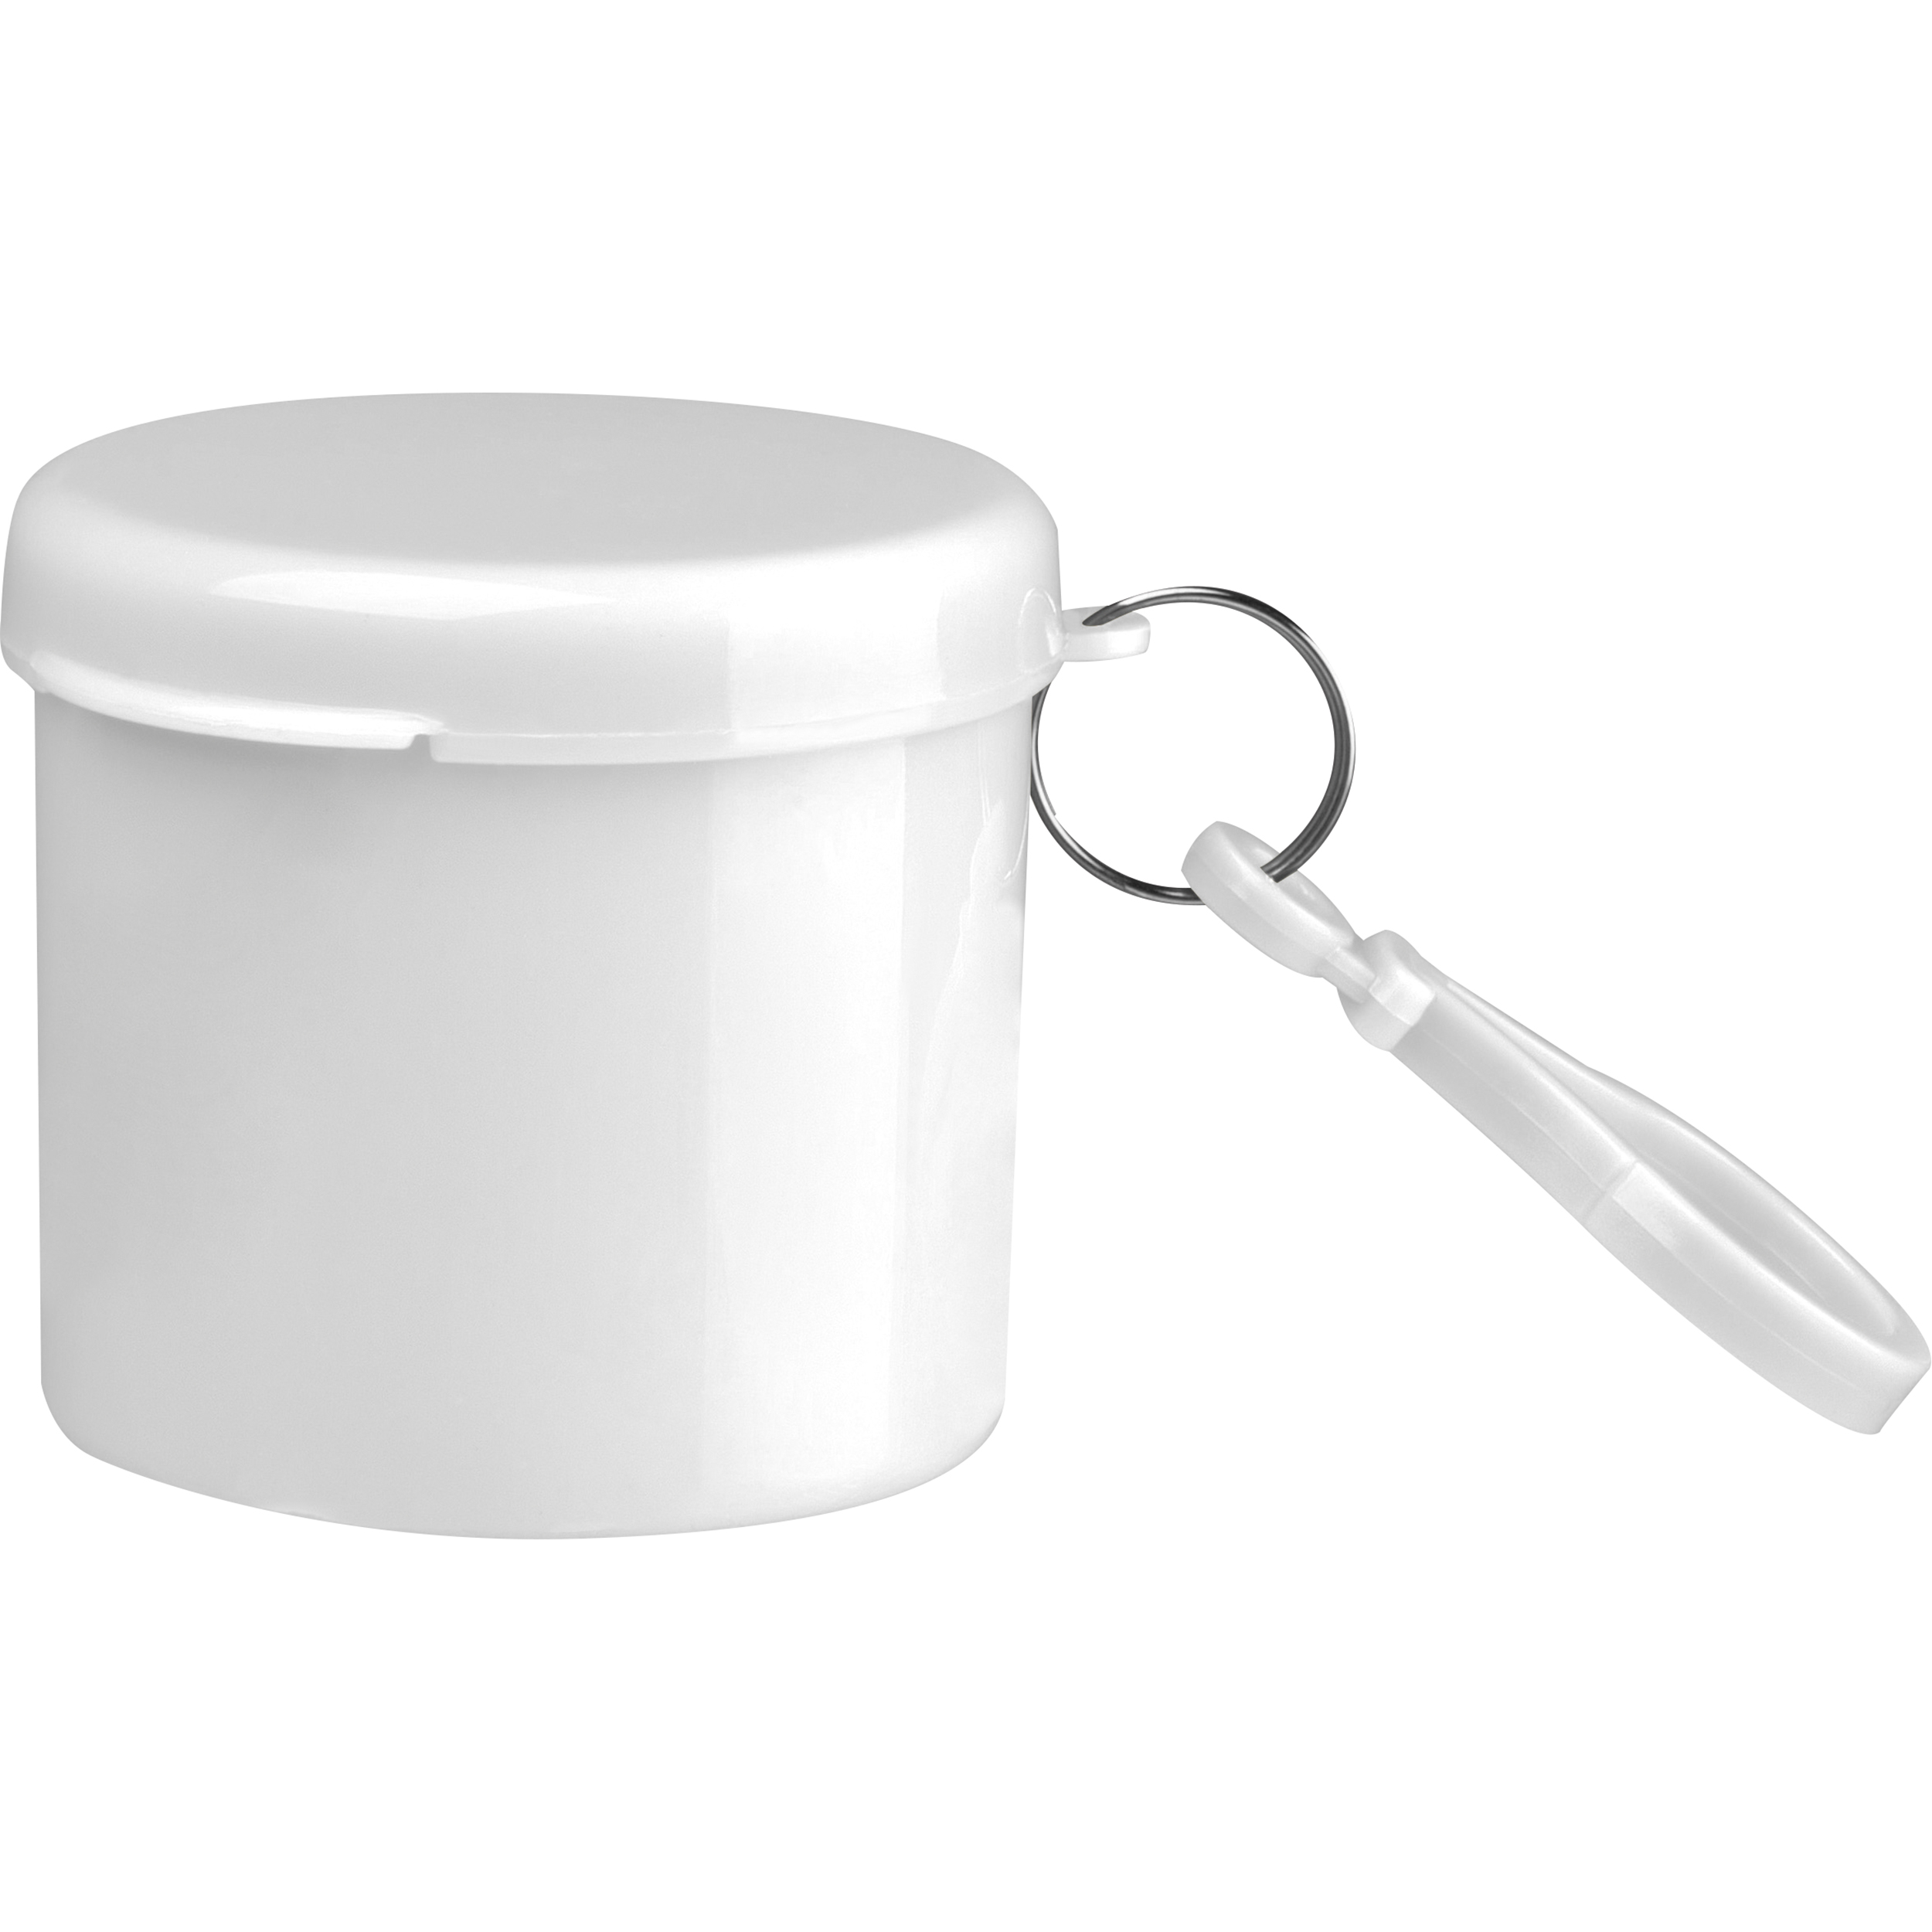 Regenponcho in einem Kunststoffdöschen